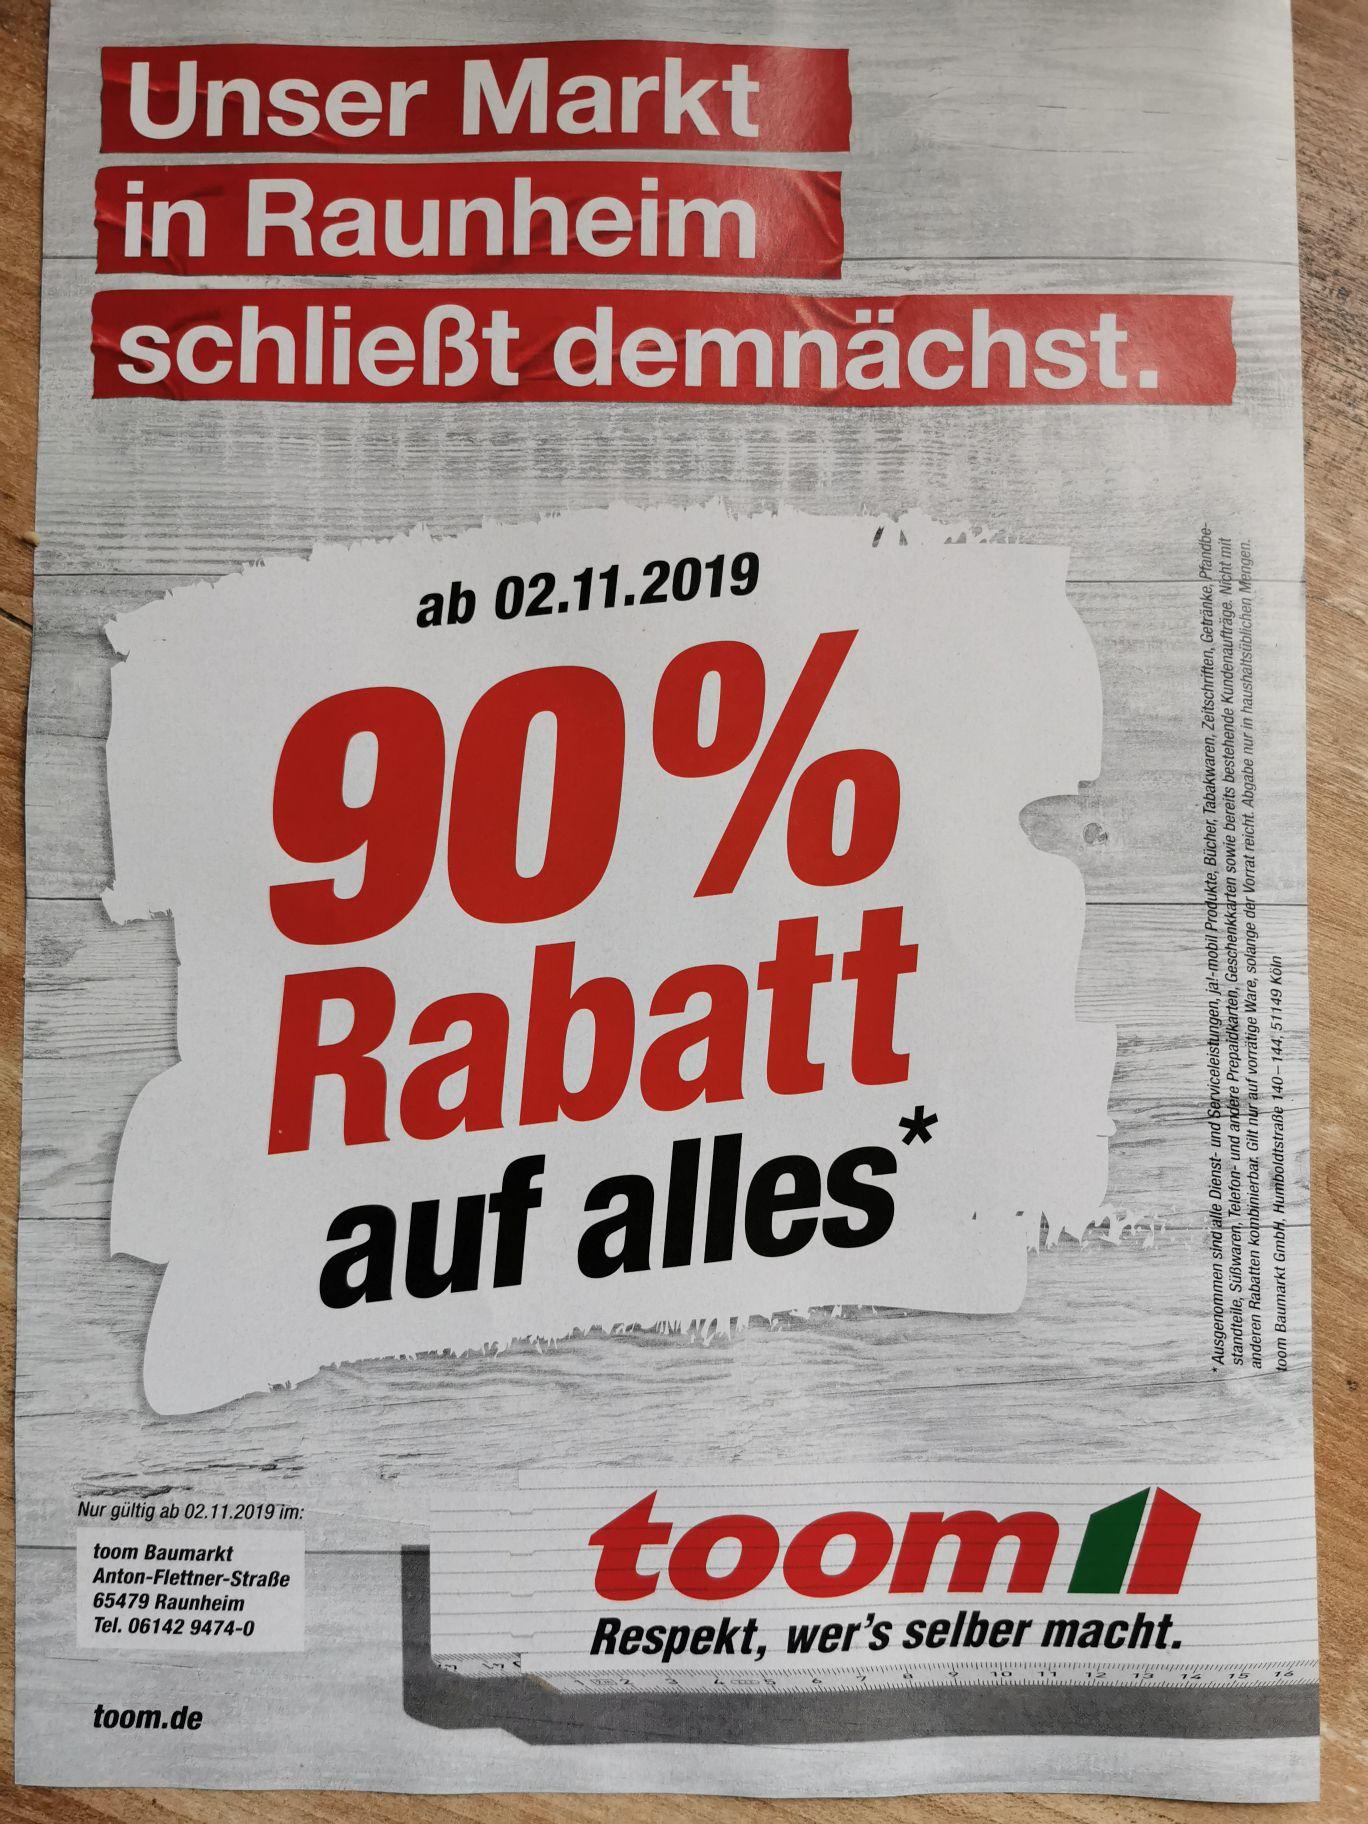 Toom Baumarkt Raunheim - 90% auf alles wegen Schließung